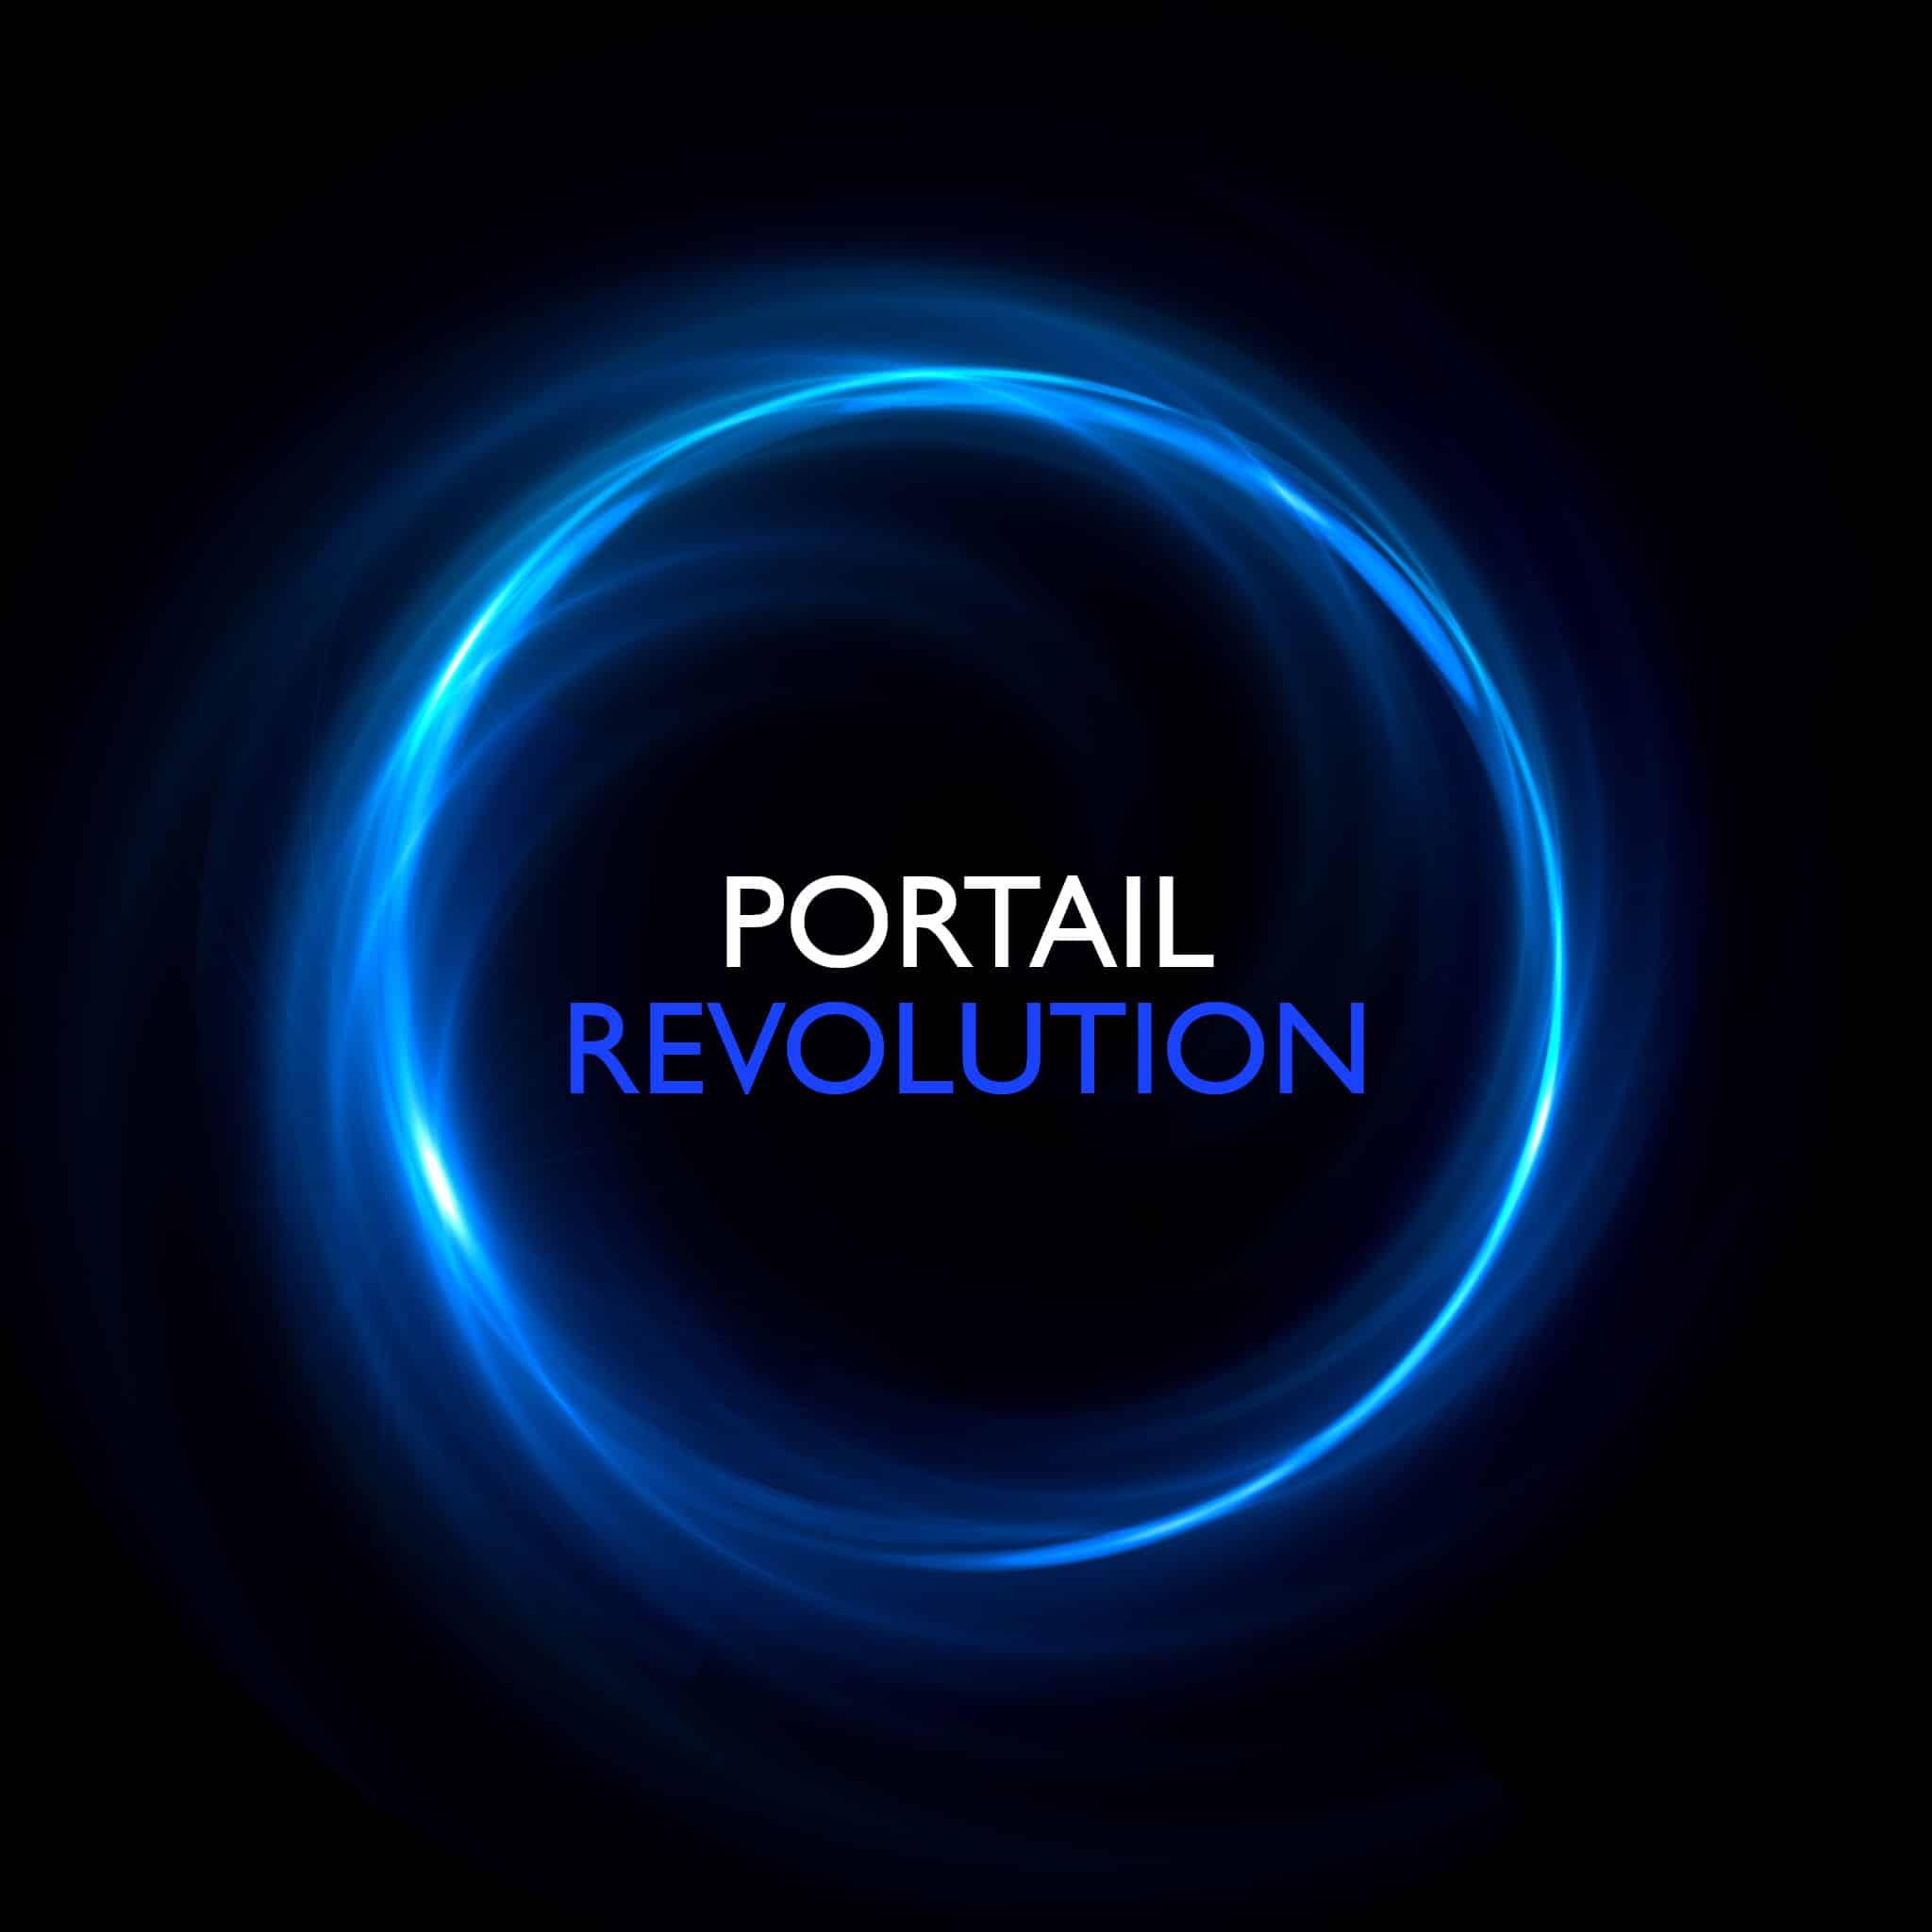 portail-revolution